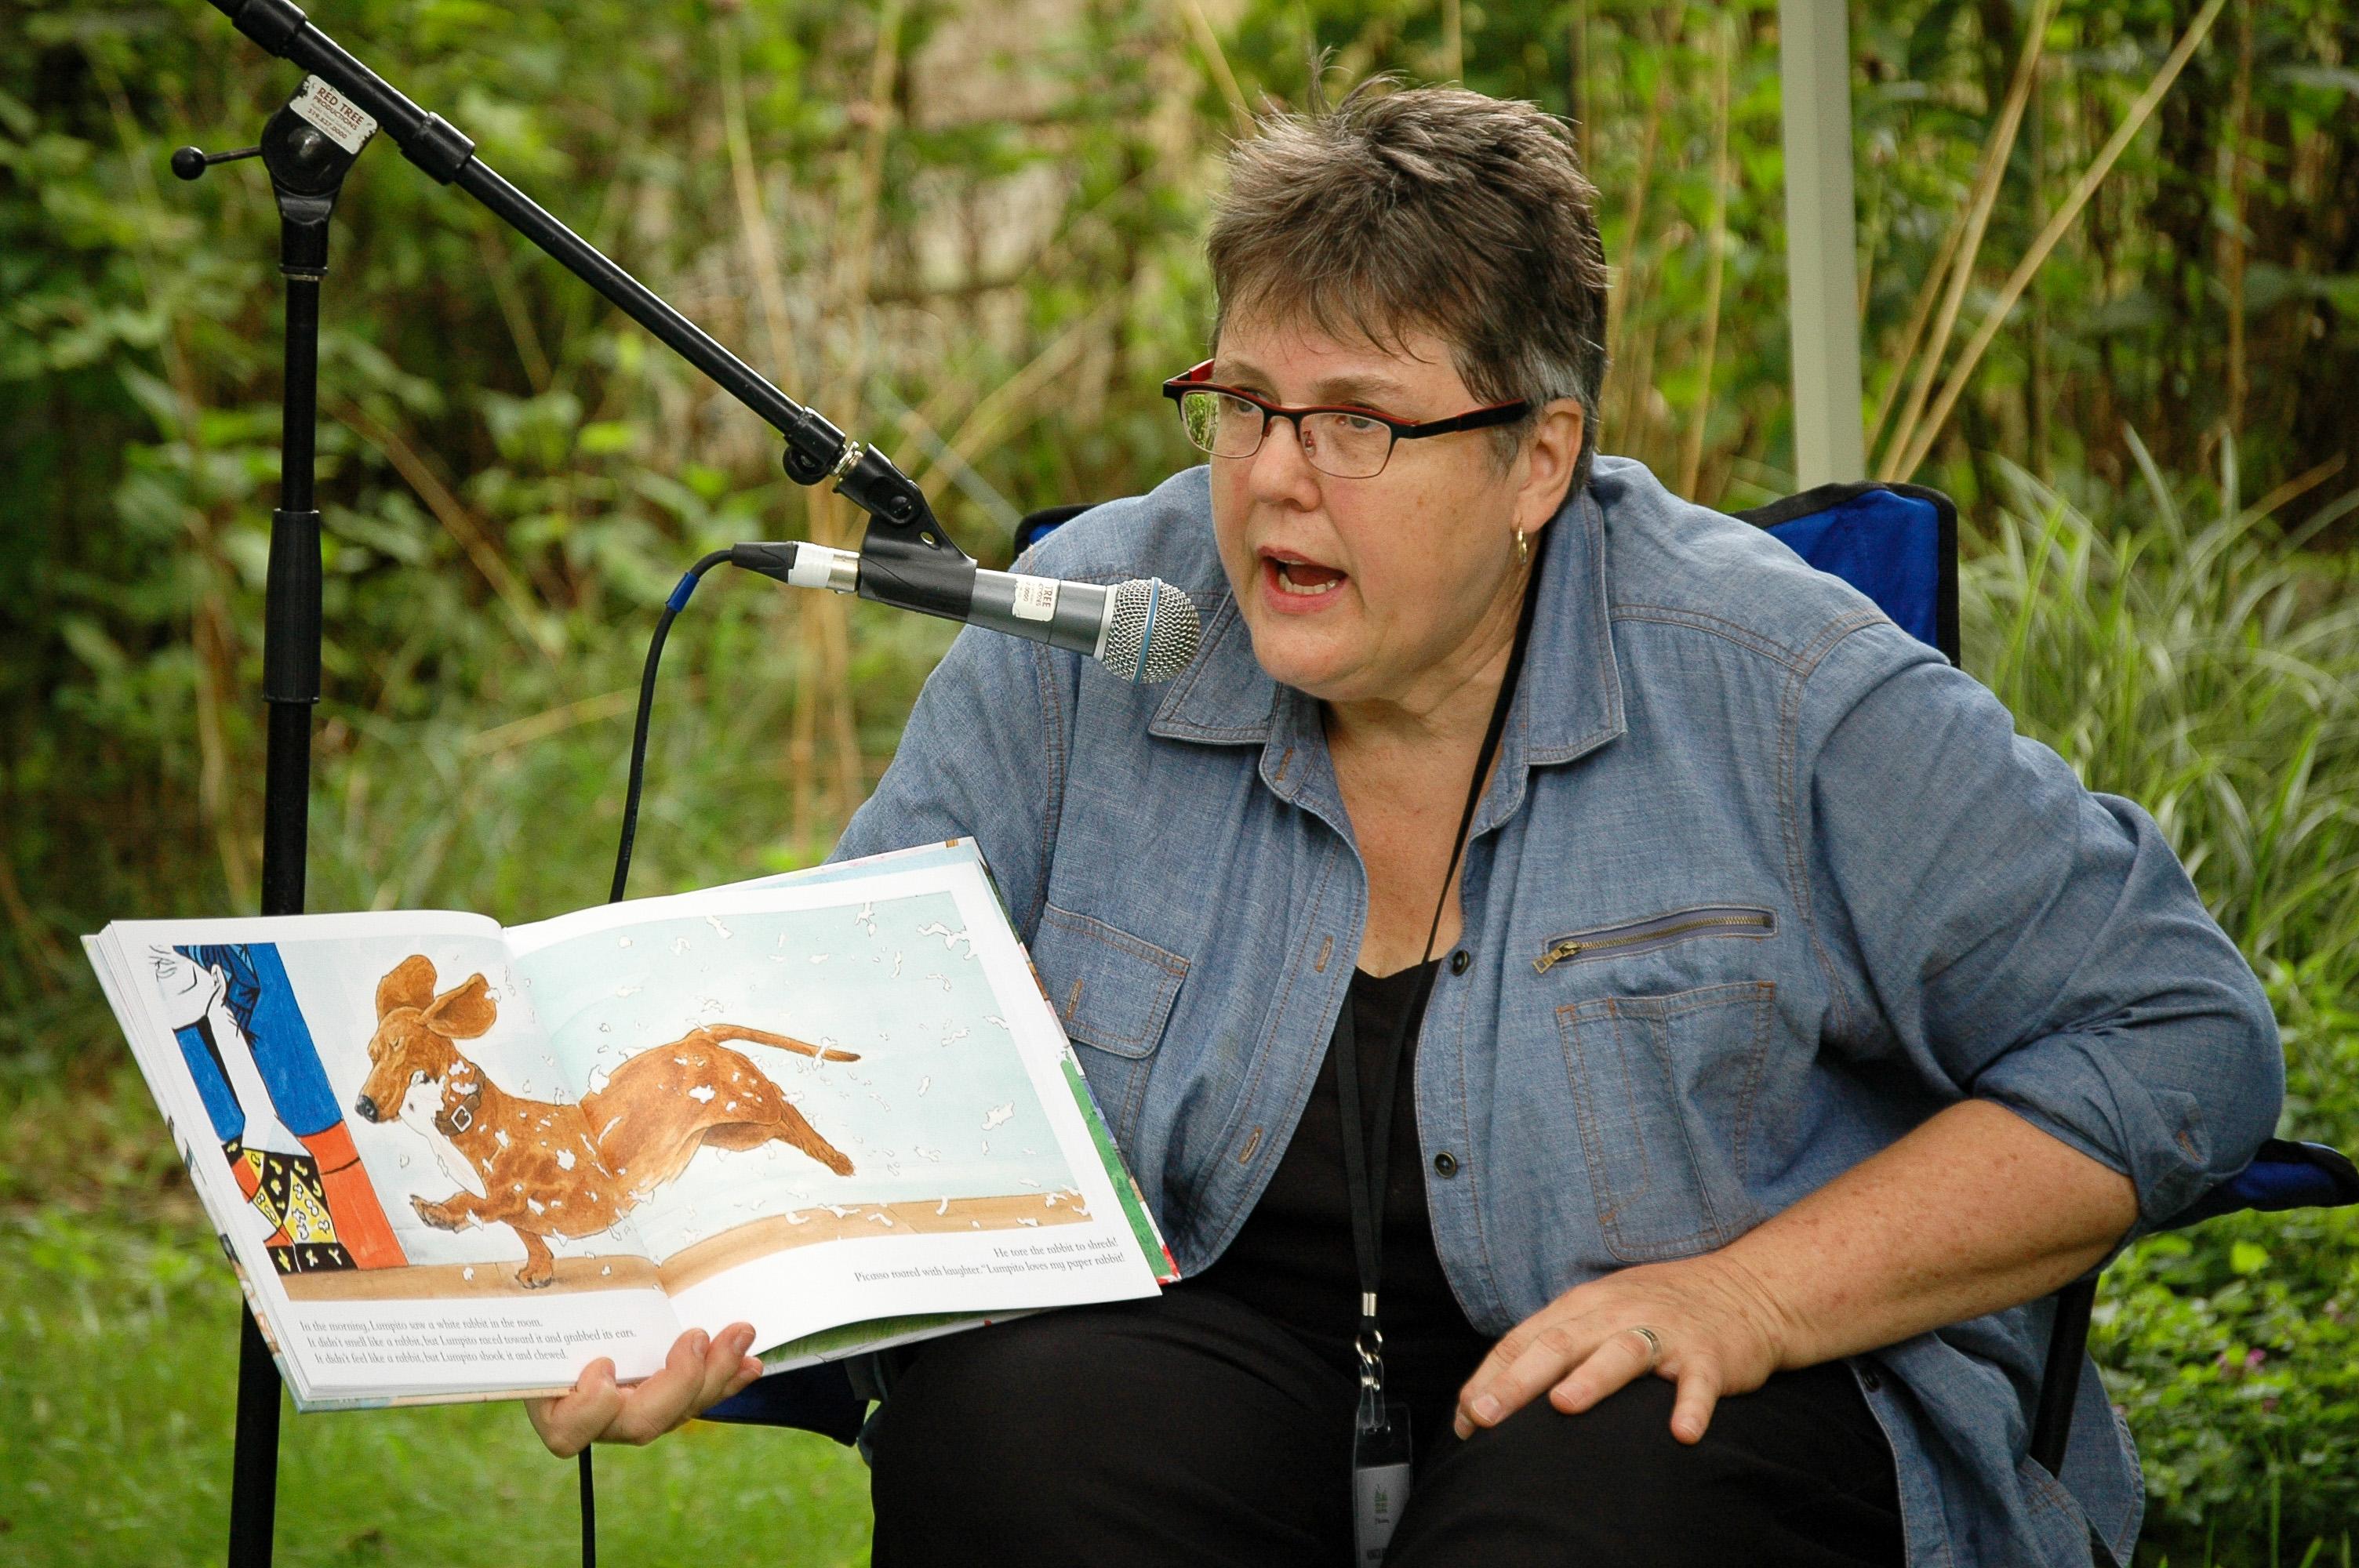 Kulling at the [[Eden Mills Writers' Festival